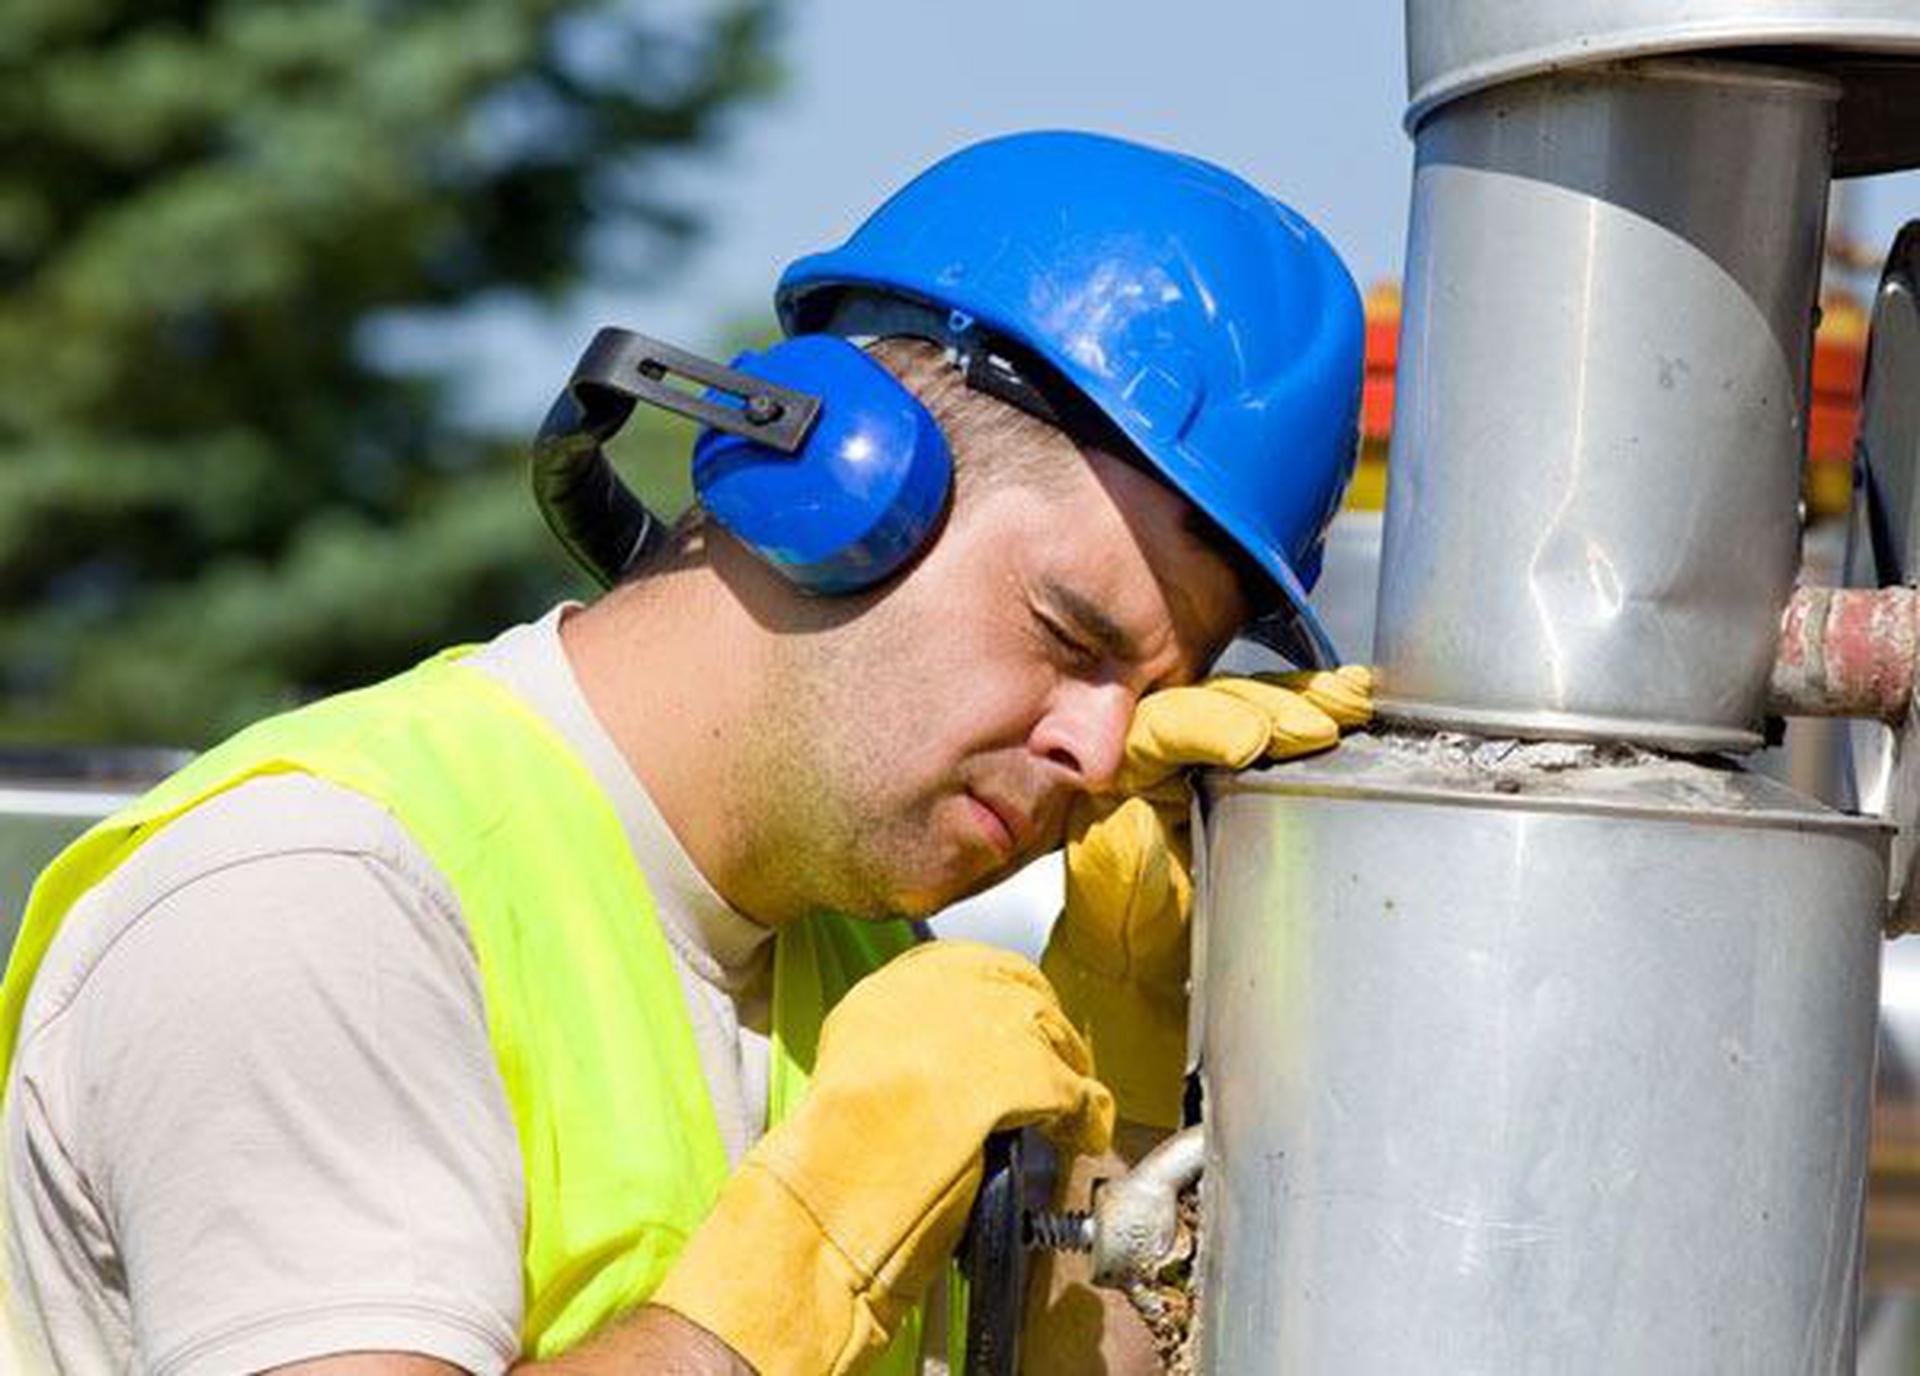 Fatigue Risk Factors